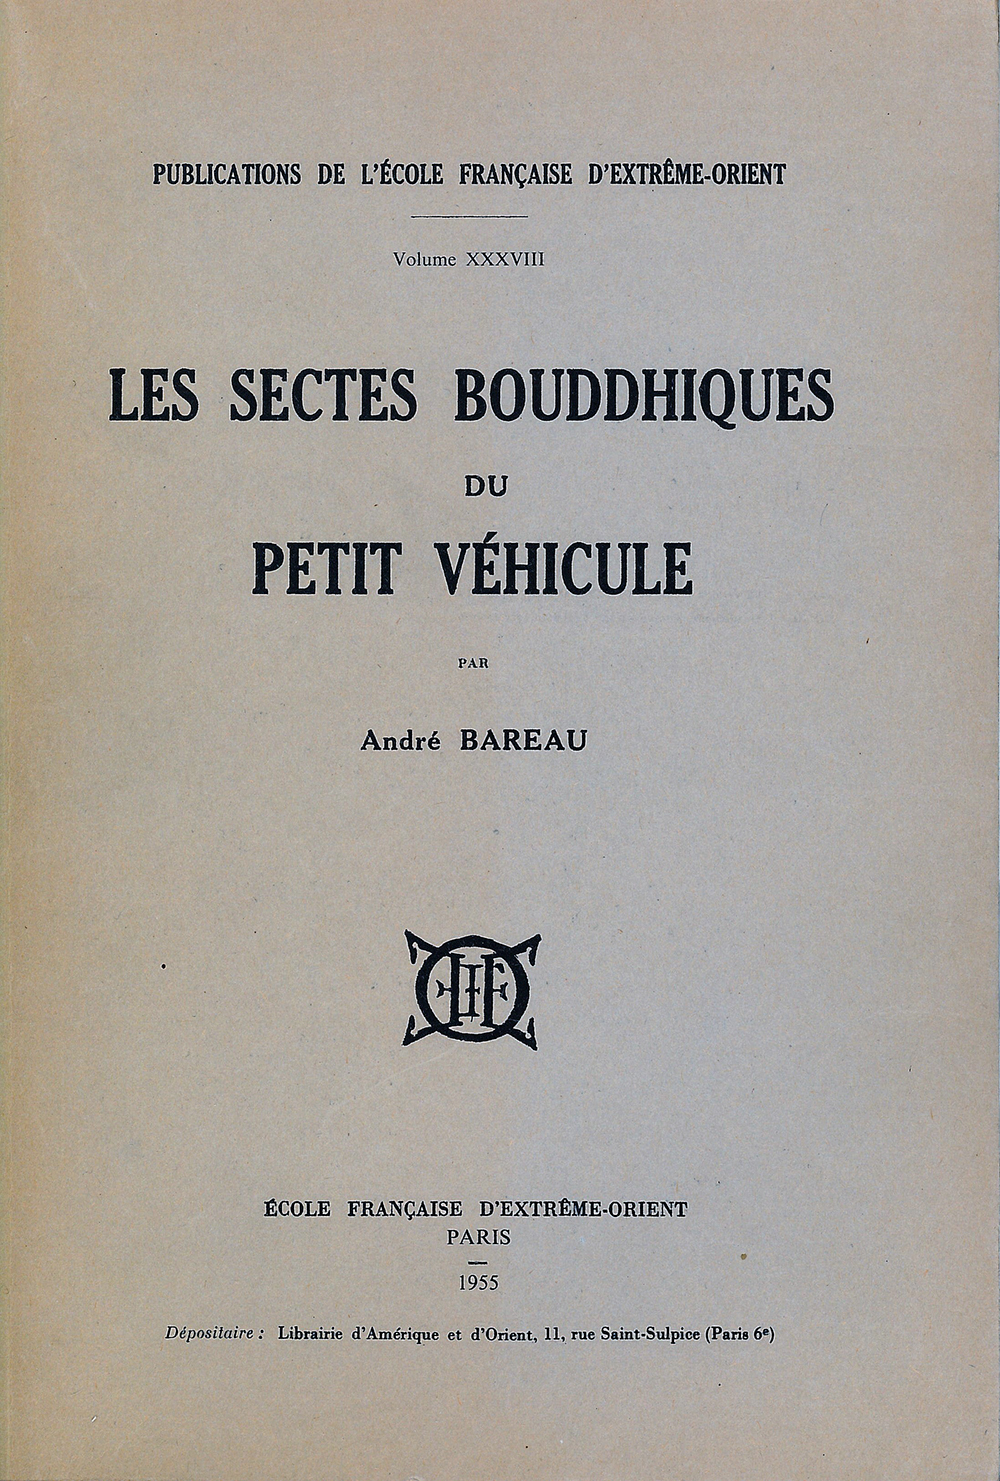 Les Sectes bouddhiques du petit véhicule